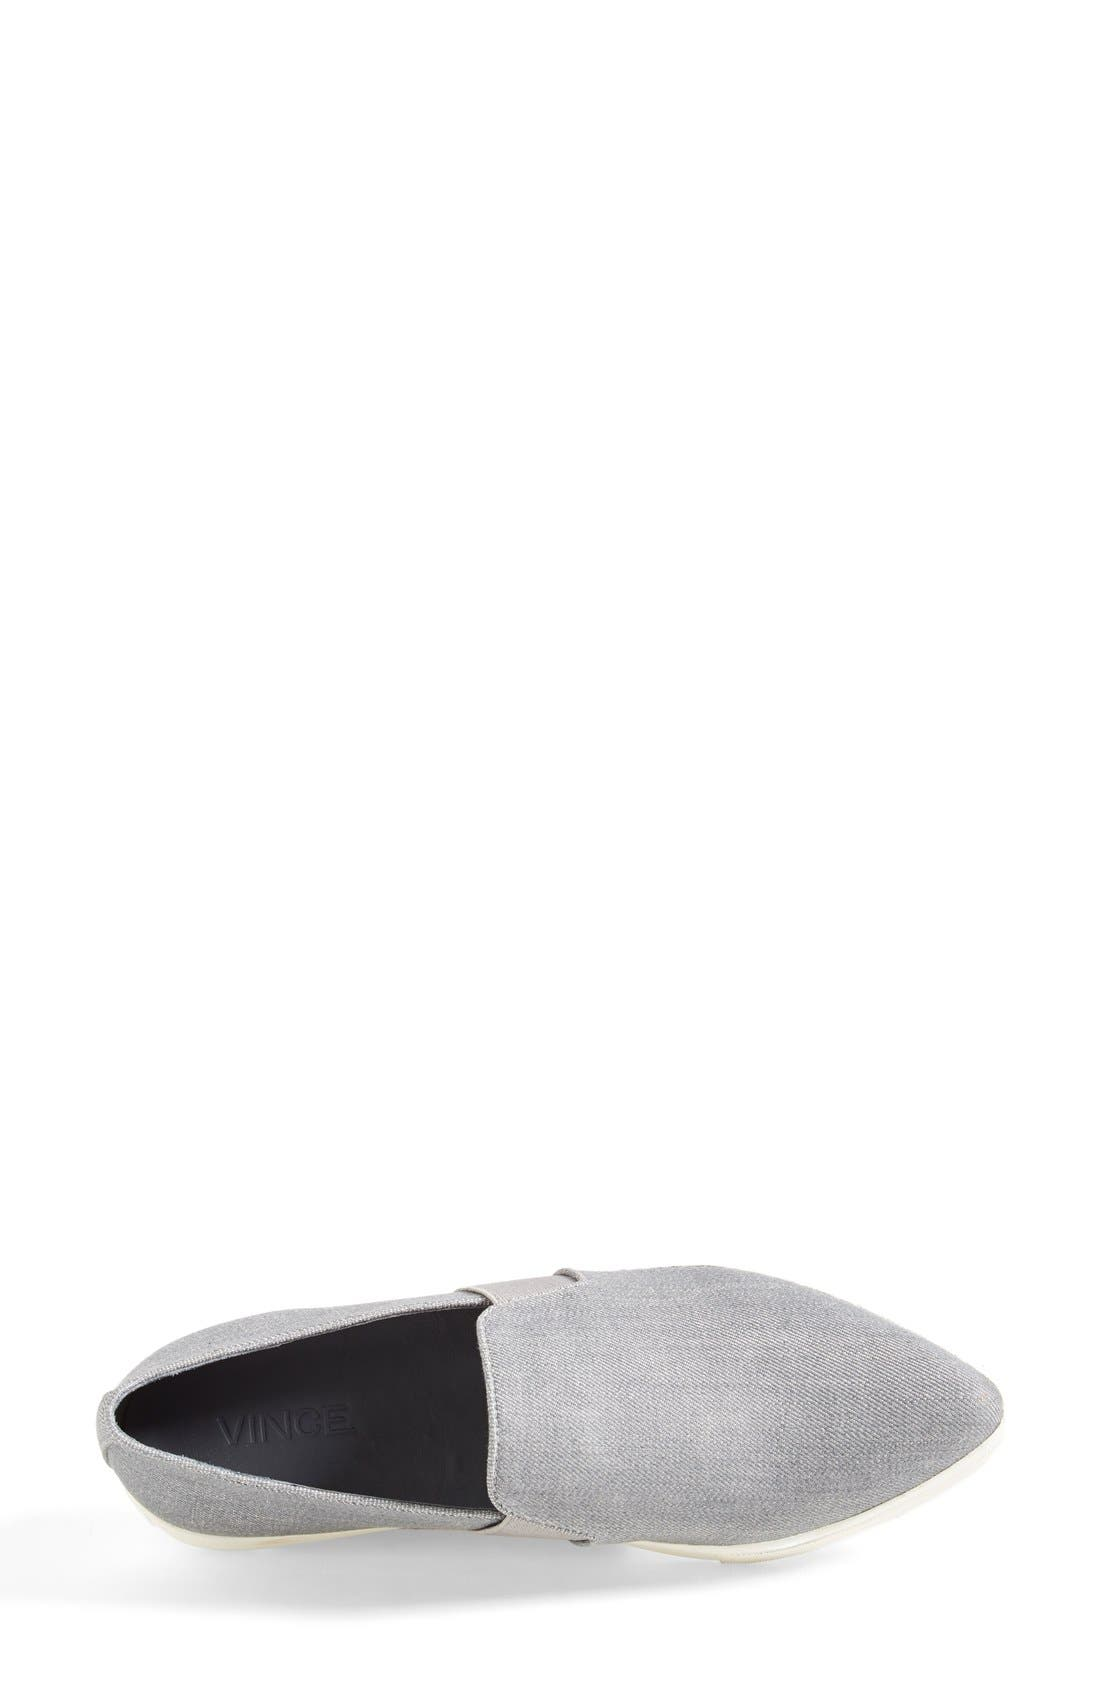 Alternate Image 3  - Vince 'Pierce' Slip-On Sneaker (Women)